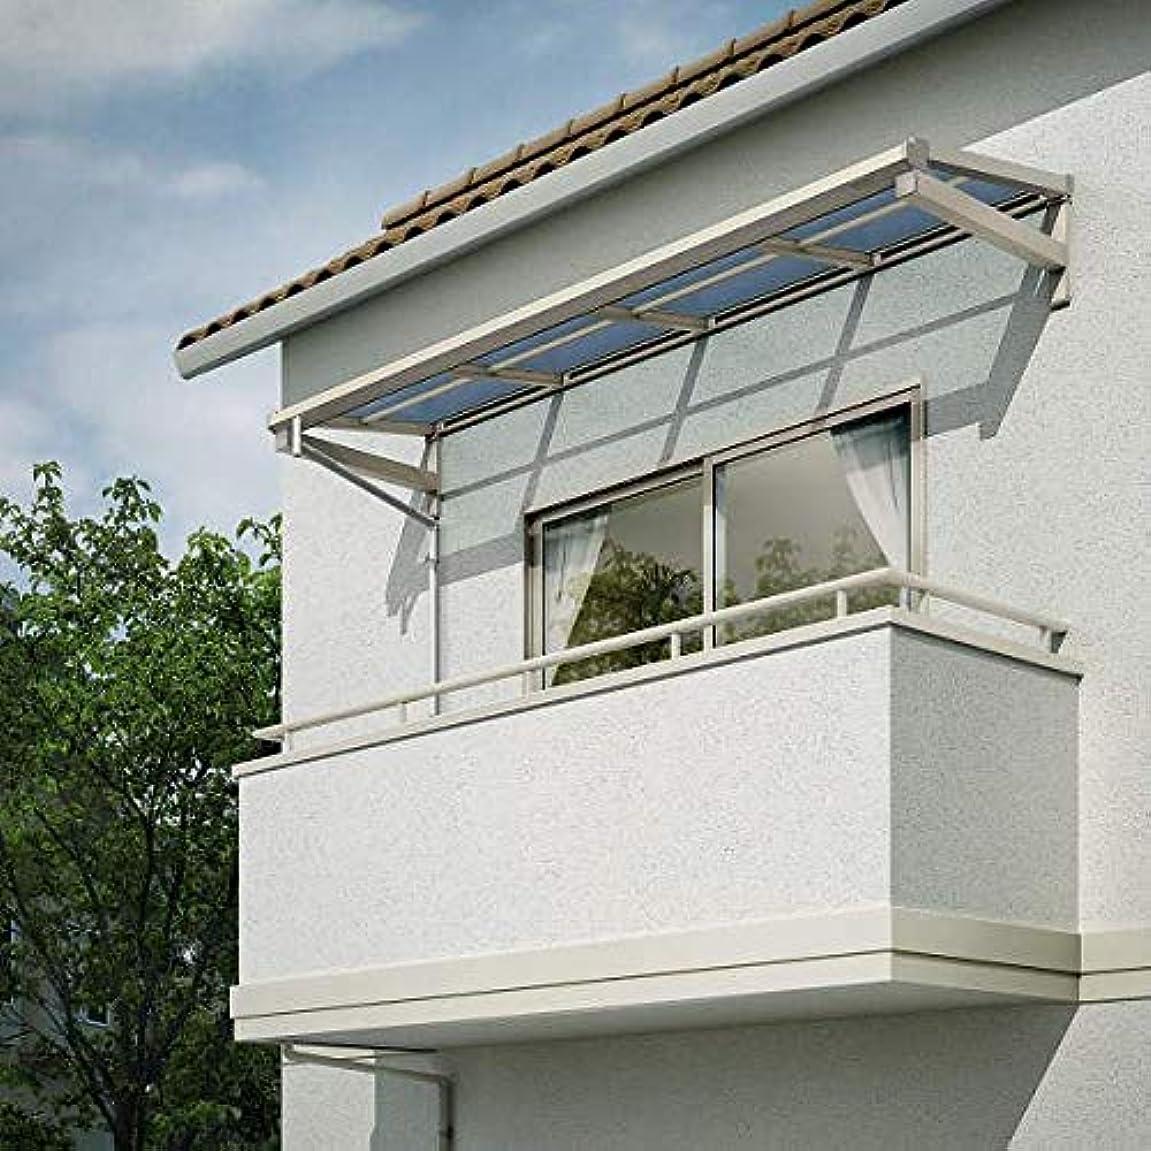 娯楽パッチ見物人YKKAP 持ち出し屋根 ソラリア 4間×4尺 フラット型 熱線遮断ポリカ屋根 メーターモジュール 600N/m2 ブラウン